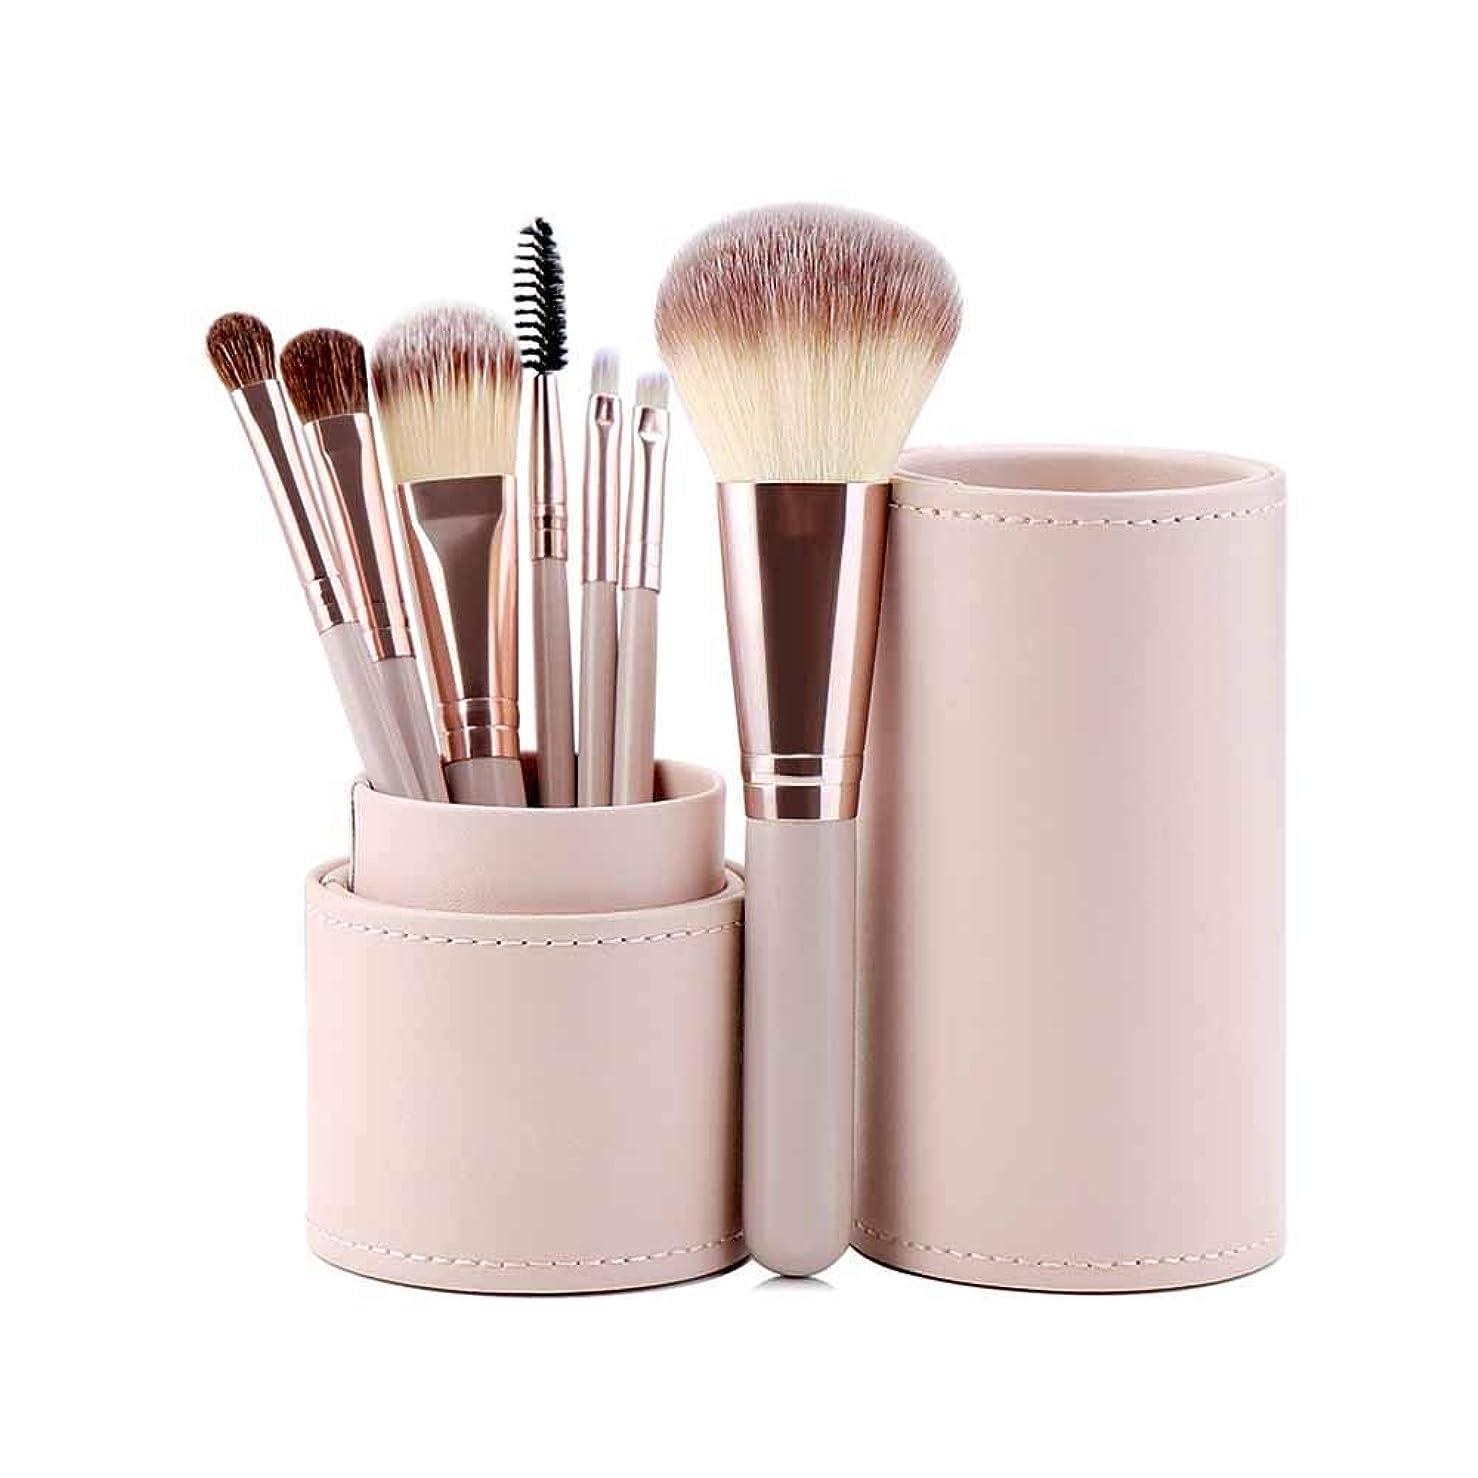 喉が渇いた収入簡略化するQiyuezhuangshi001 化粧ブラシ、7化粧ブラシセット、初心者用プロメイクアップキット、ブラシチューブ付き、持ち運びが簡単,人間工学に基づいたデザイン (Color : Pink)